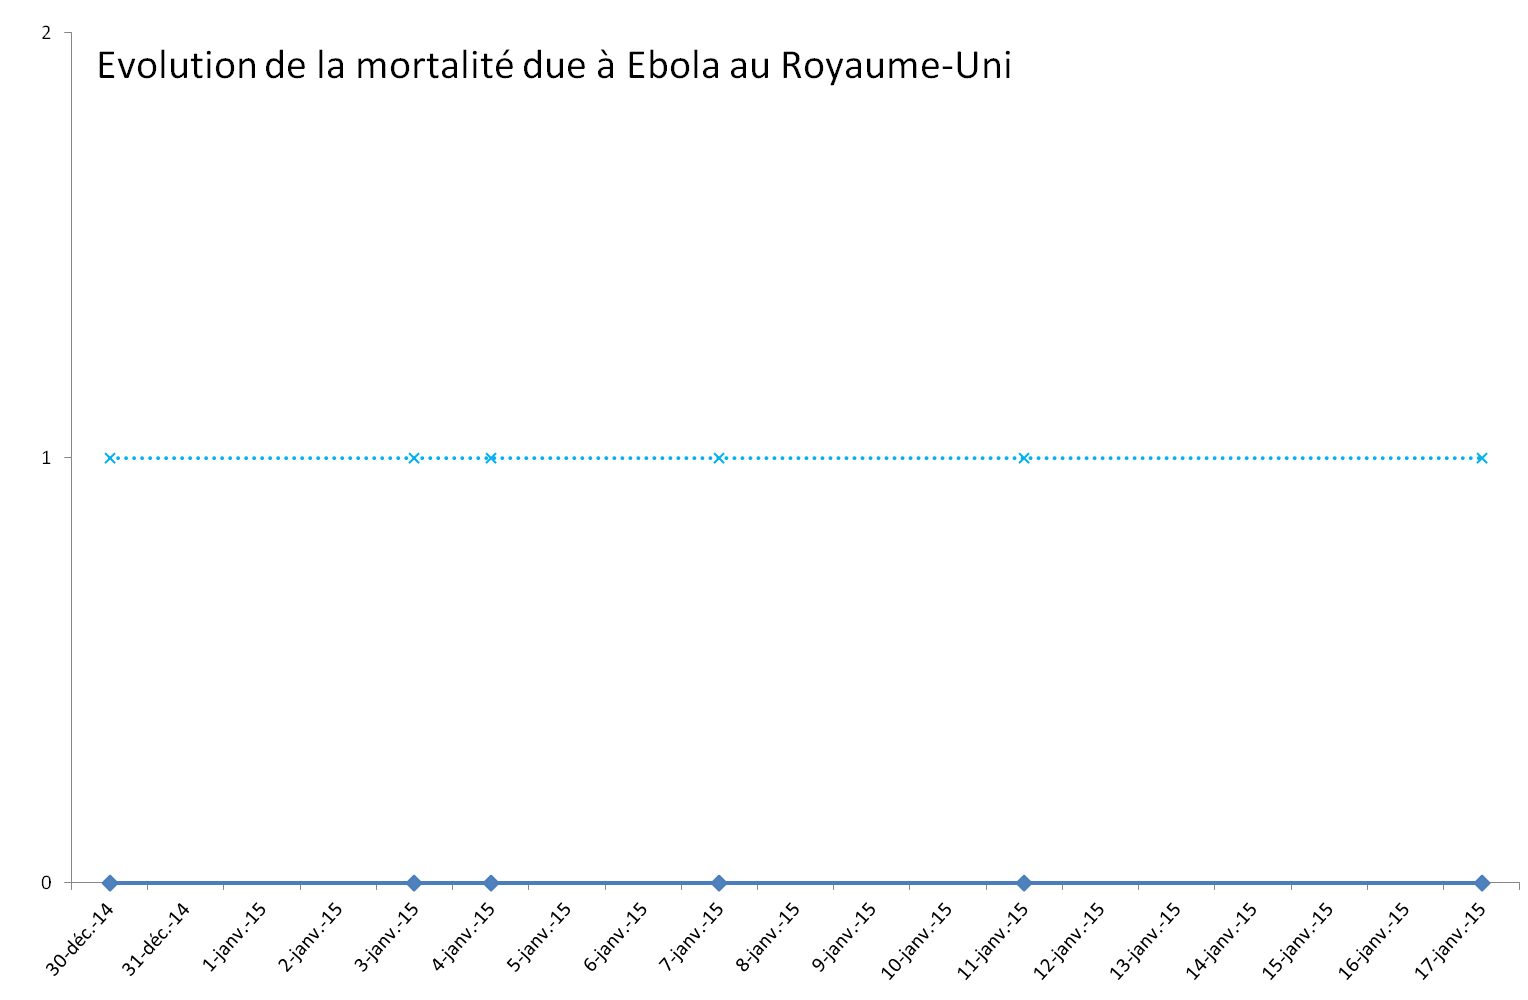 Evolution de l'épidémie de virus Ebola au Royaume-Uni